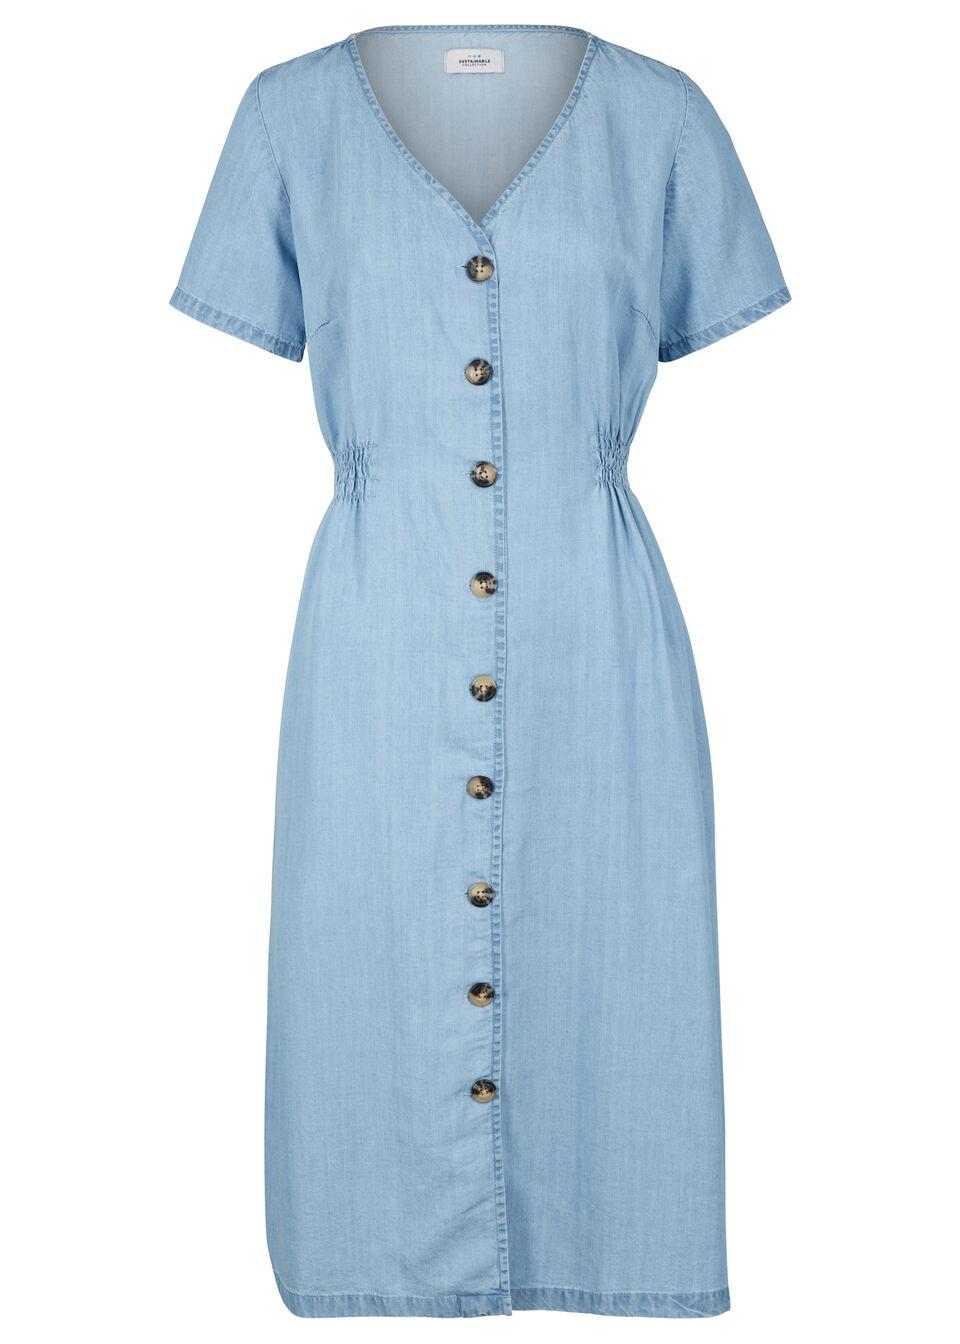 Sukienka midi przyjazna dla środowiska,  Lyocell TENCEL™ bonprix Spódnica prz.śr j.ni.bl